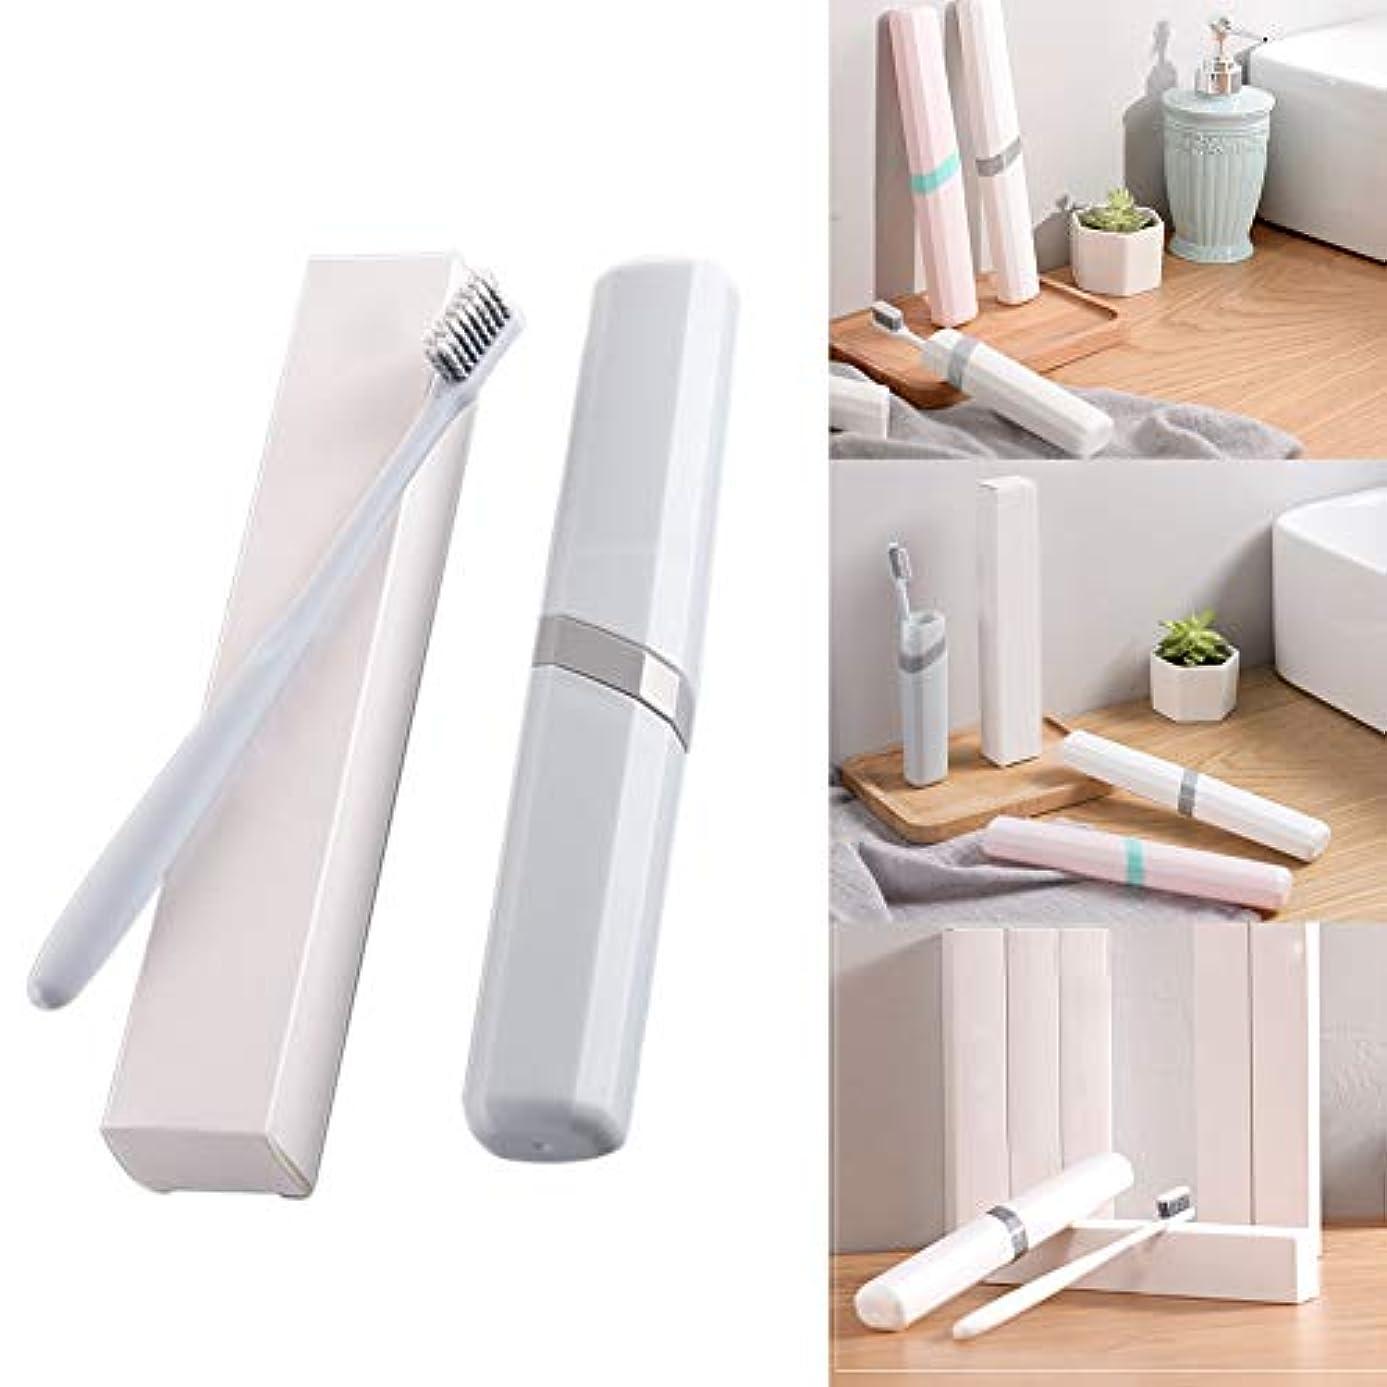 馬鹿げた夜勉強する歯ブラシケース付きトラベルカバー、歯ブラシ1個、プラスチックホルダー、清潔なブラシを休日に保管(白、ピンク、青)